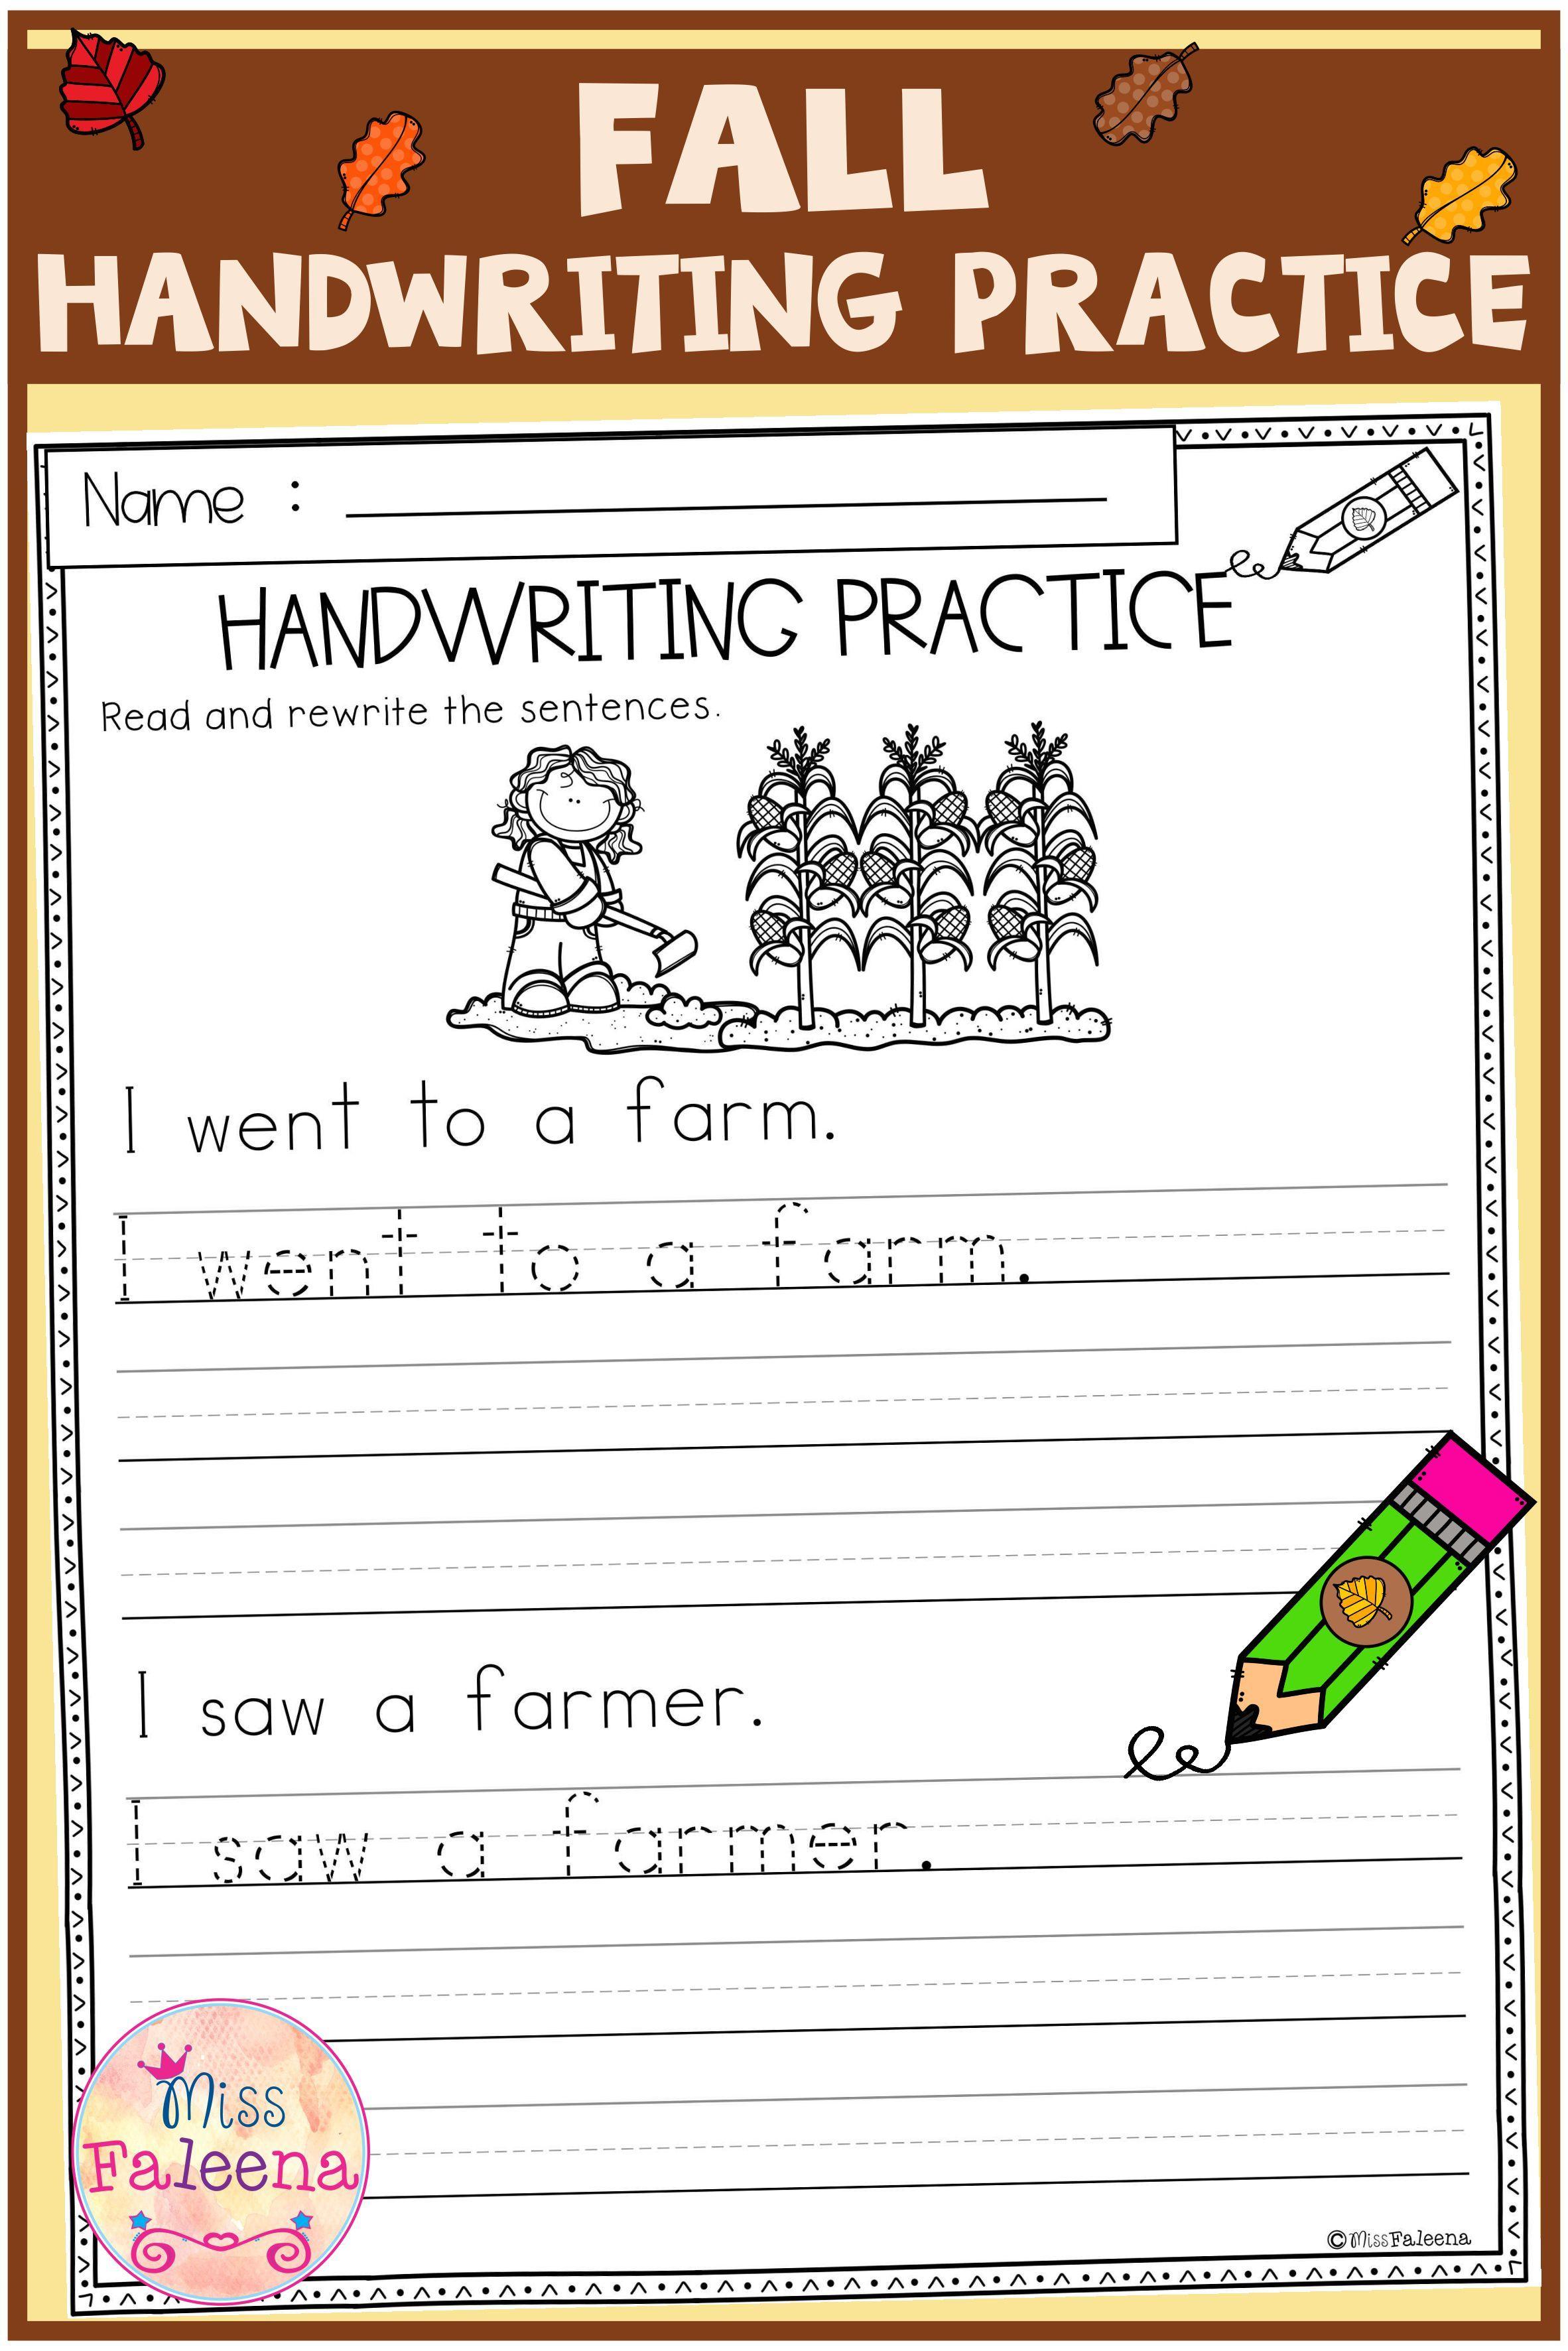 Fall Handwriting Practice Di